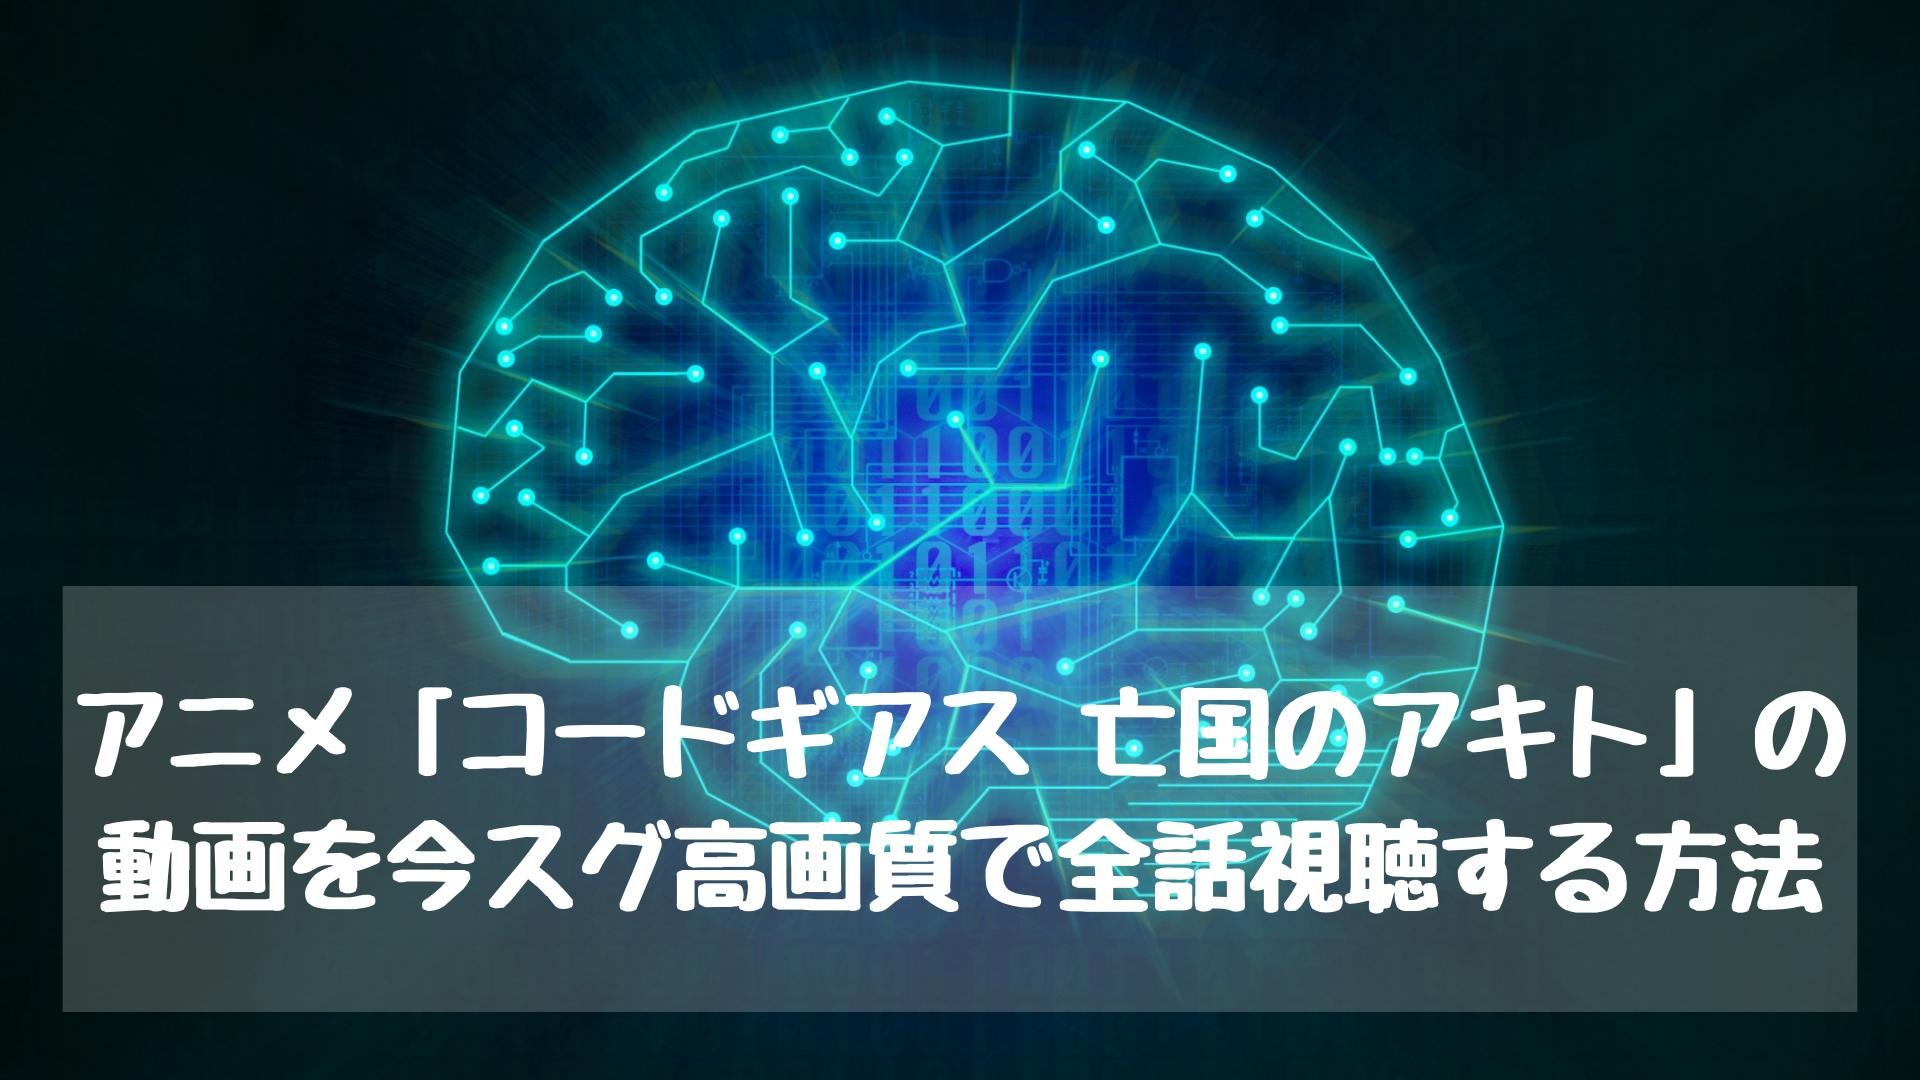 アニメ「コードギアス 亡国のアキト」の動画を今スグ高画質で全話視聴する方法